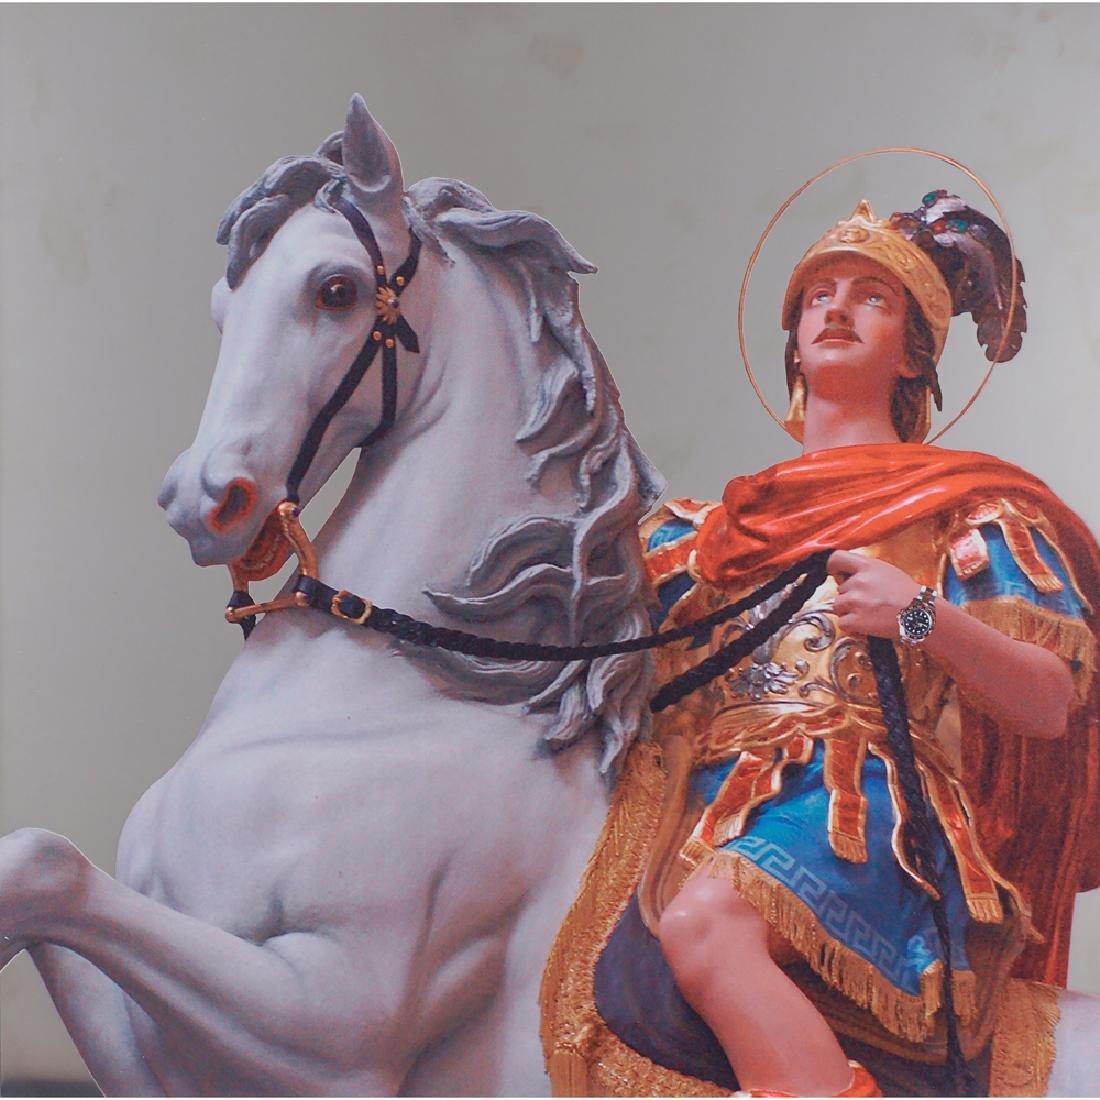 Pep Marchegiani Atri 1971 50x50x2.1 cm.